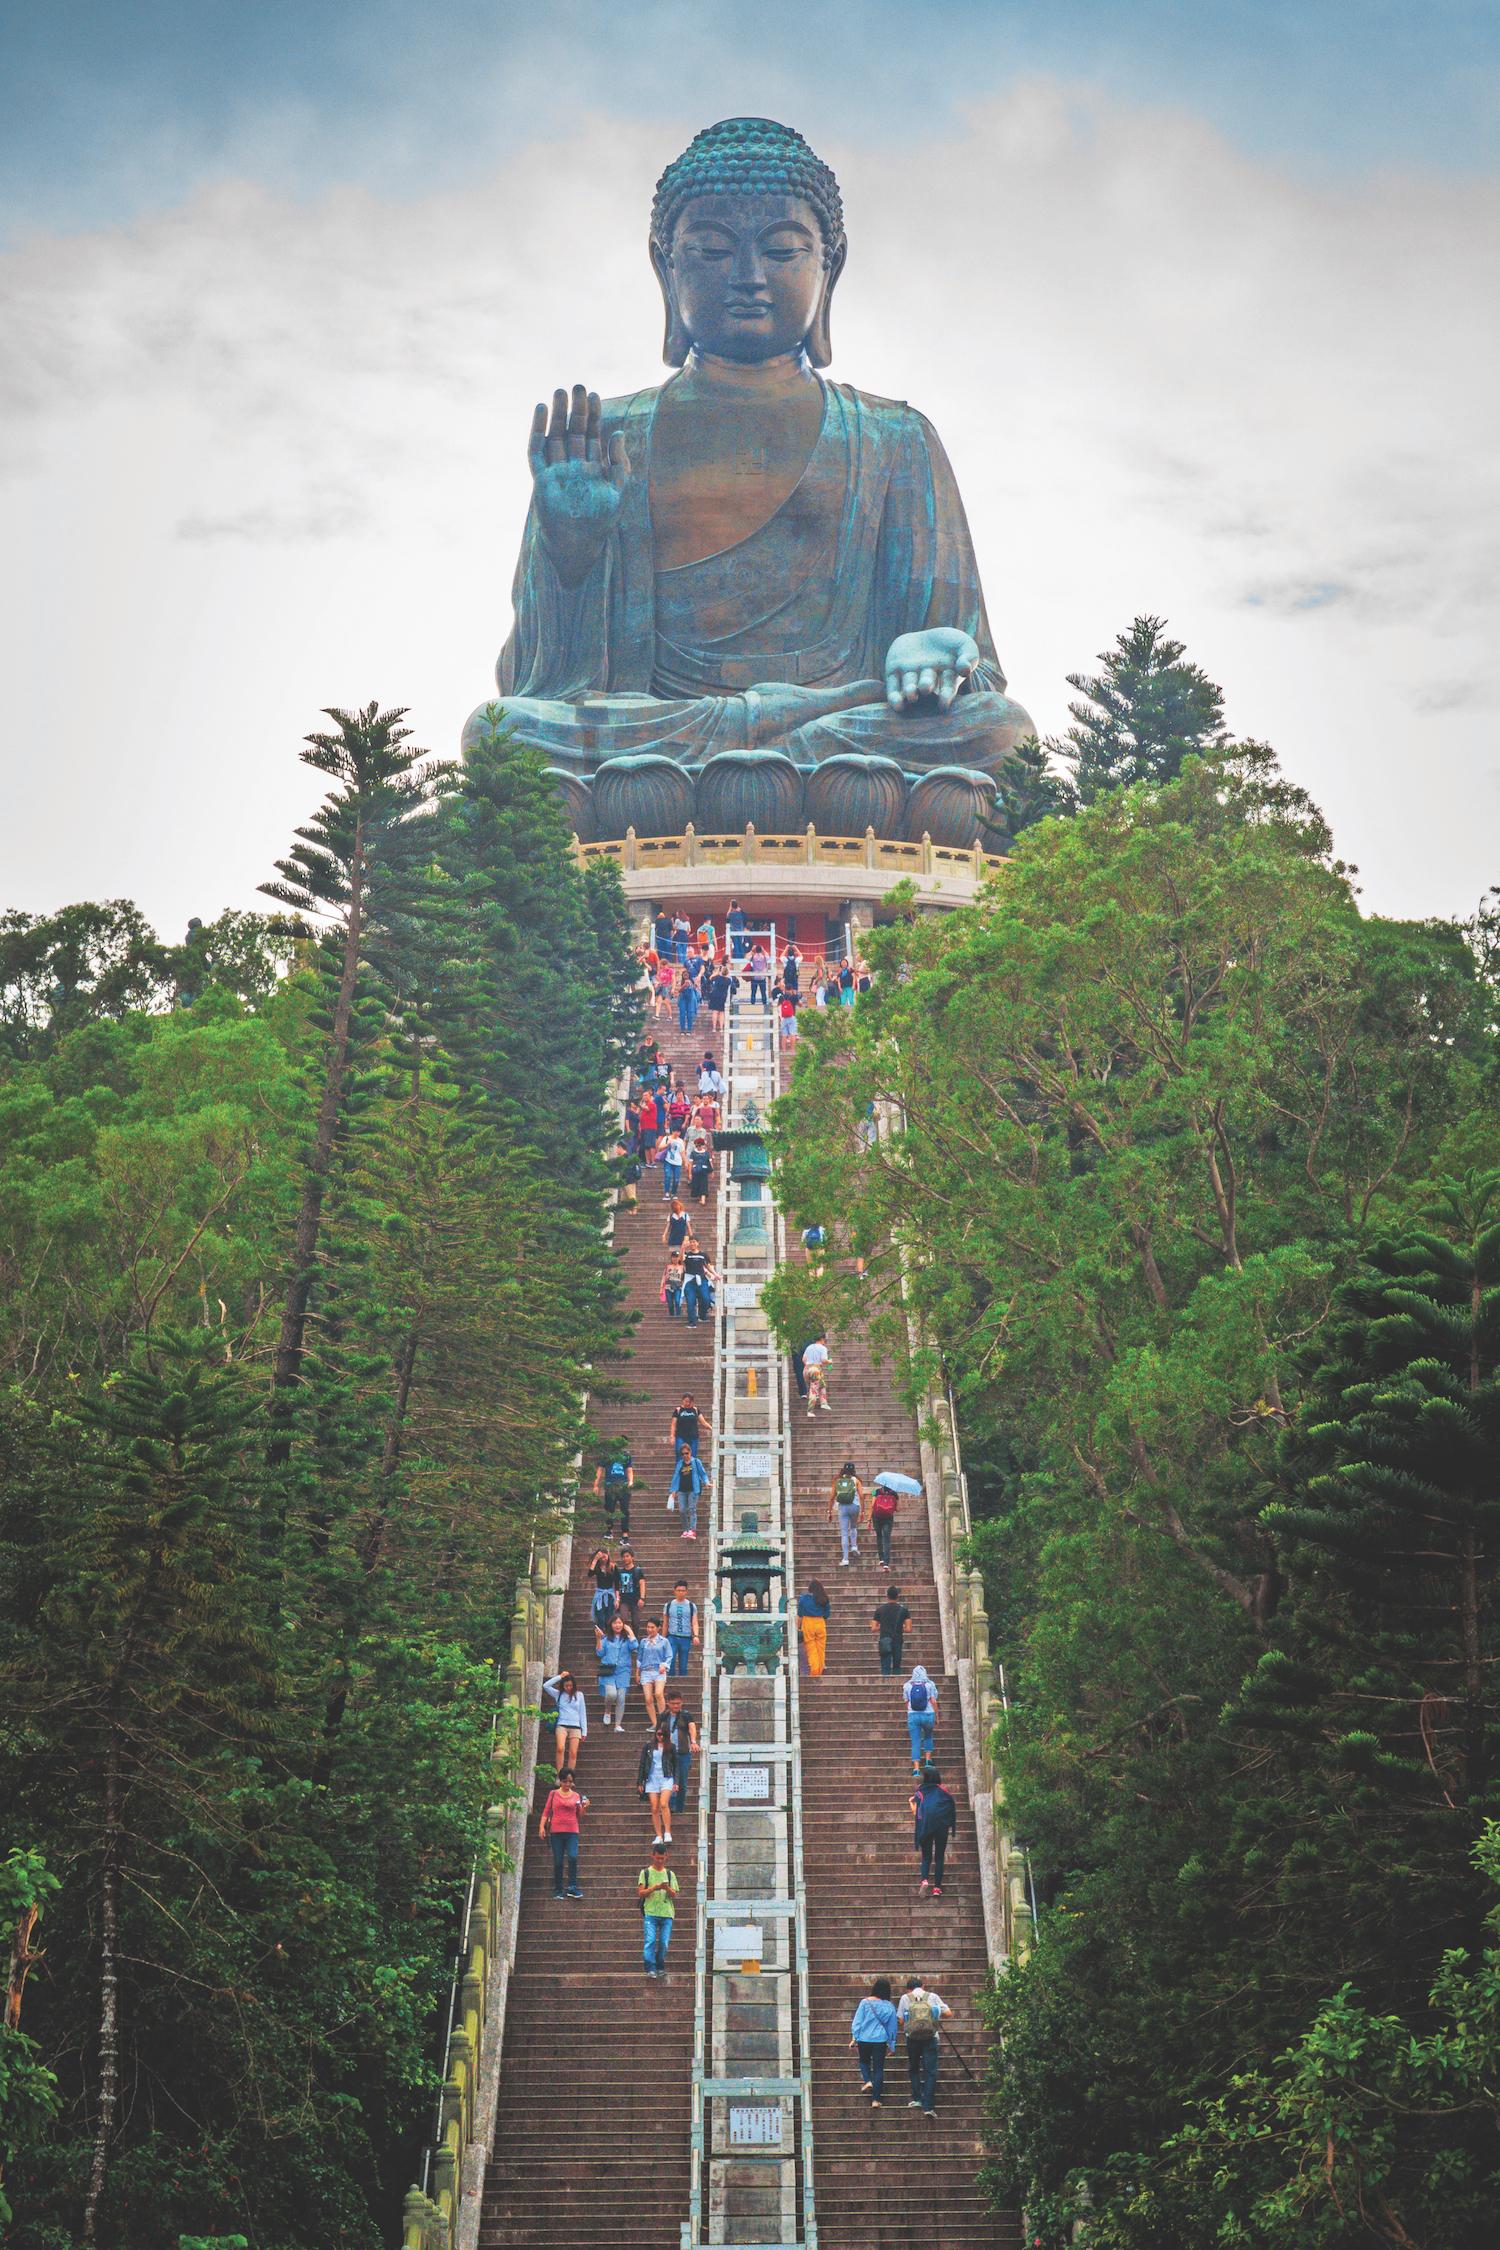 Hong-Kong-GettyImages-913578524.jpg